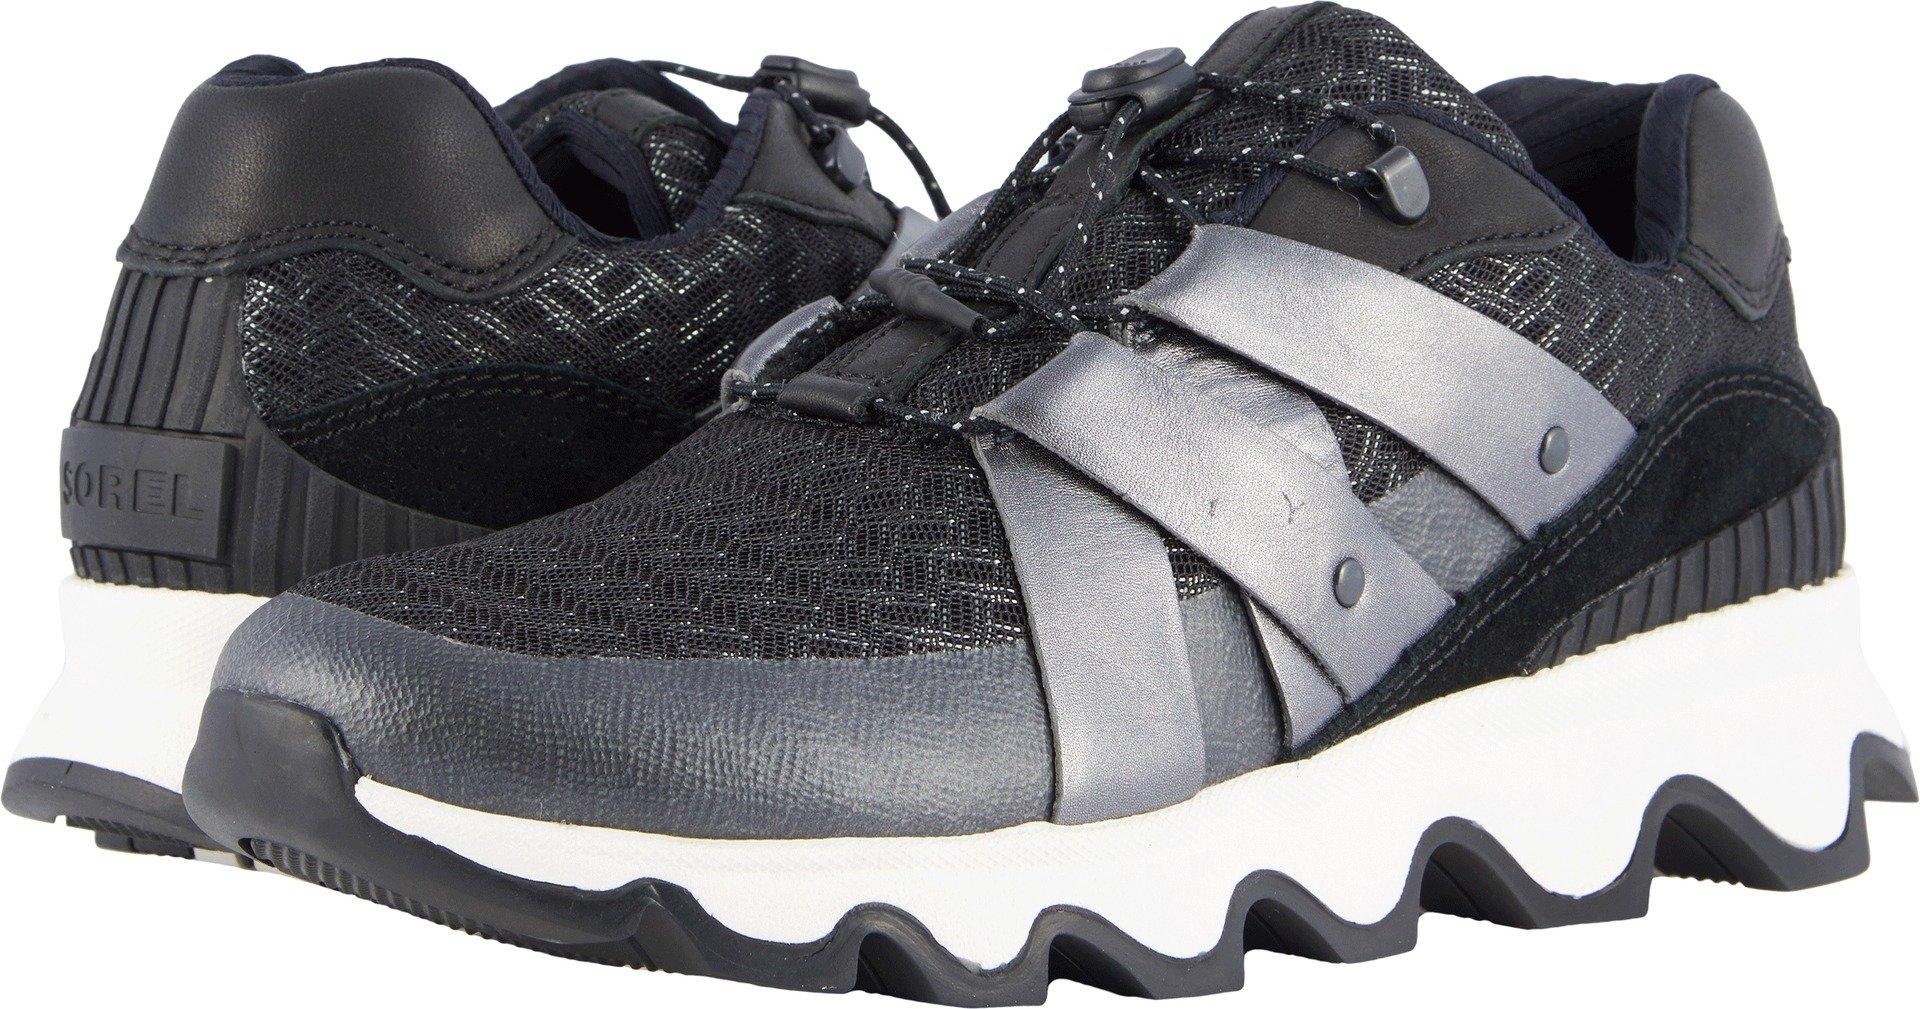 SOREL Womens Kinetic Speed Sneaker, Black, Size 8